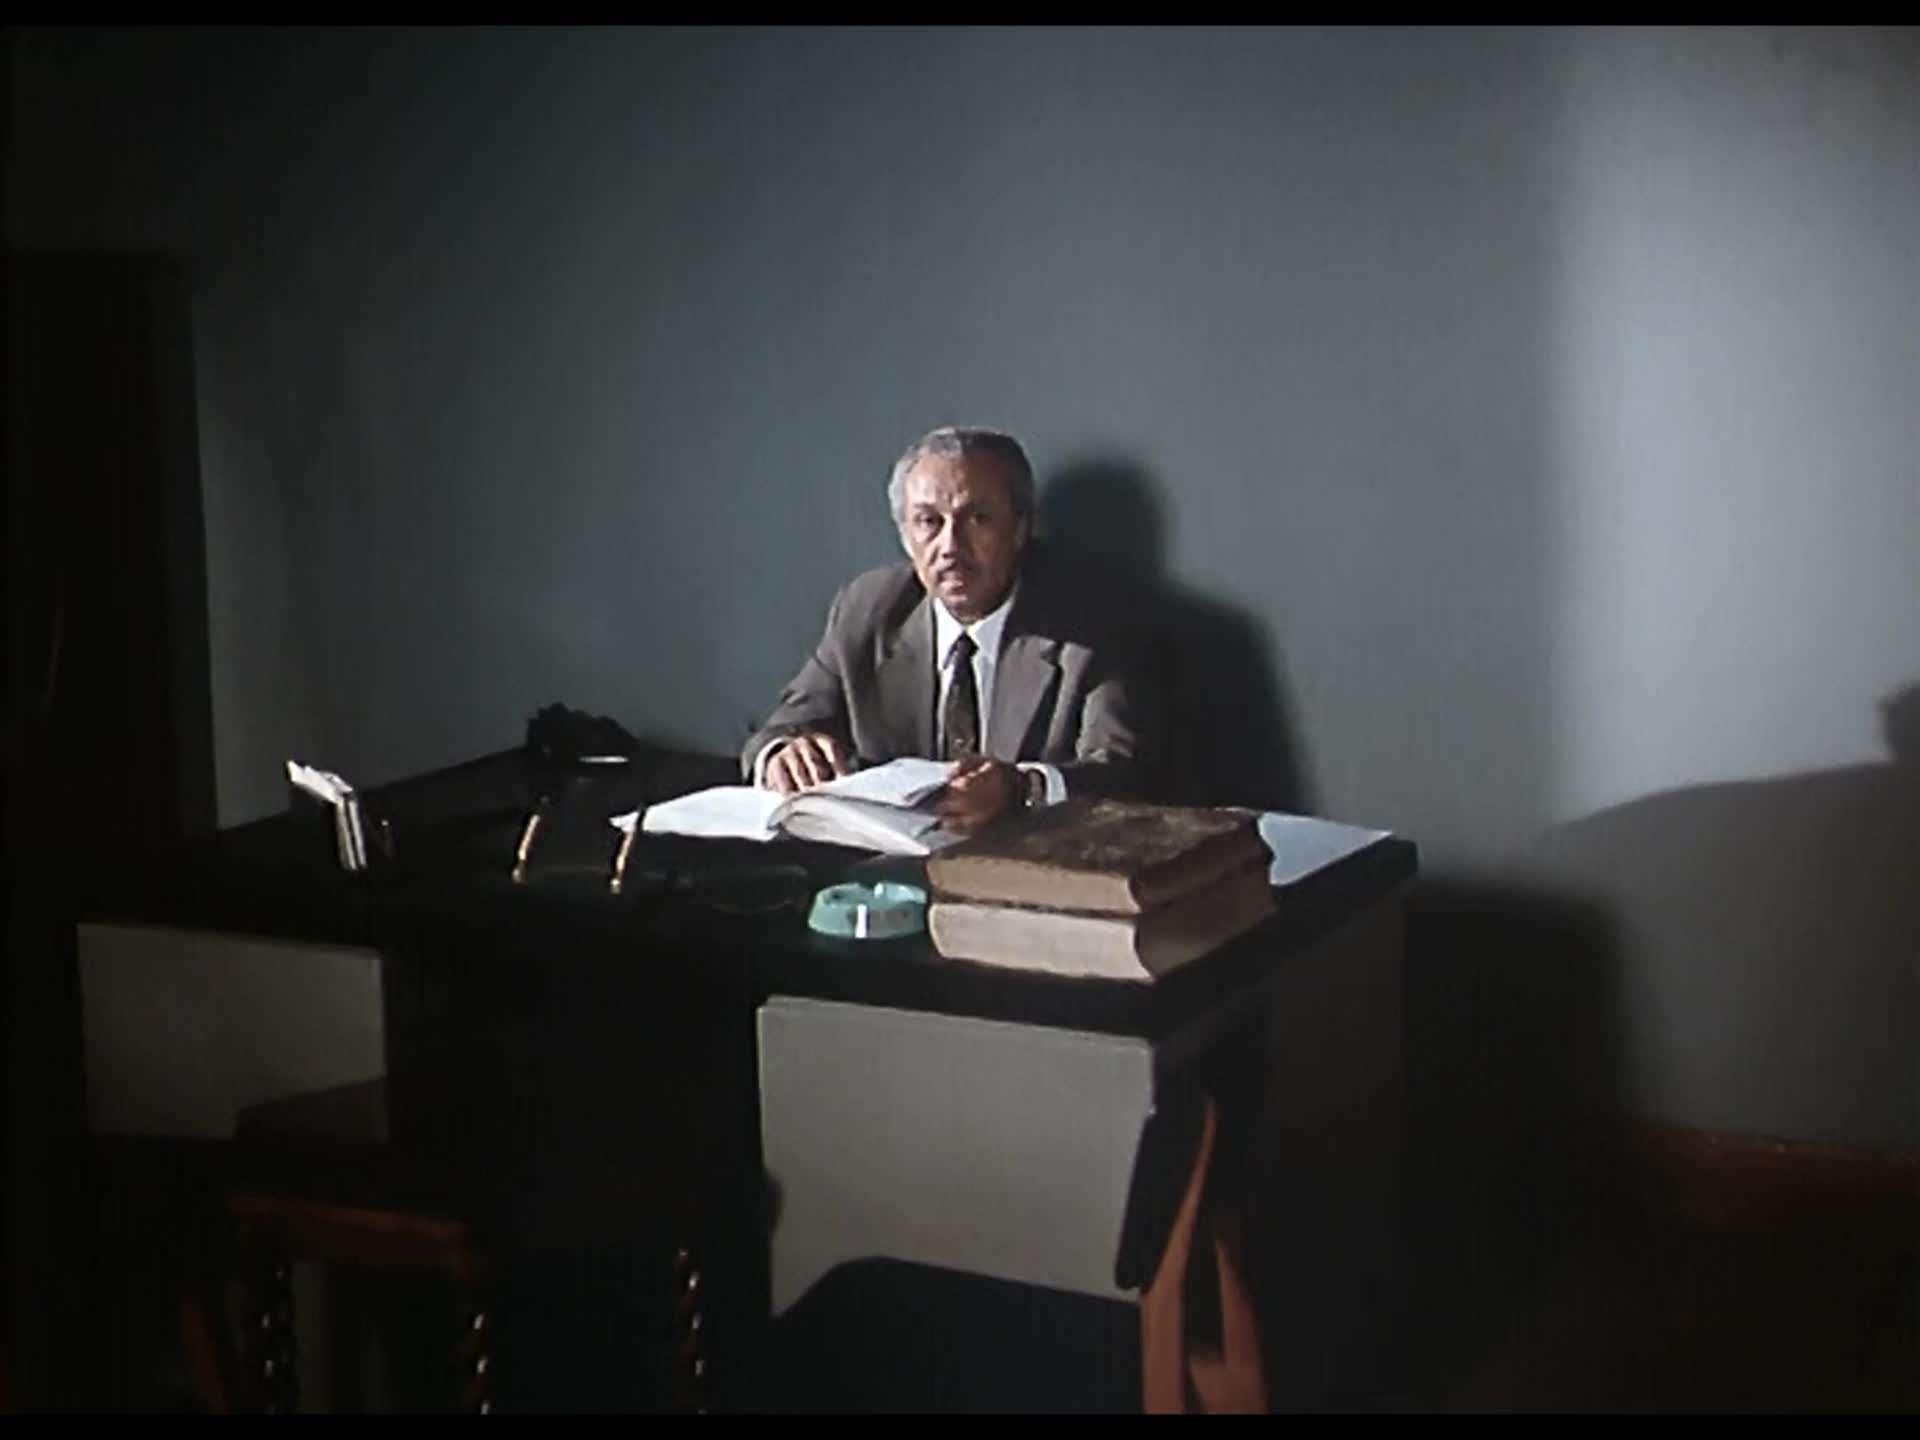 [فيلم][تورنت][تحميل][وراء الشمس][1978][1080p][Web-DL] 20 arabp2p.com